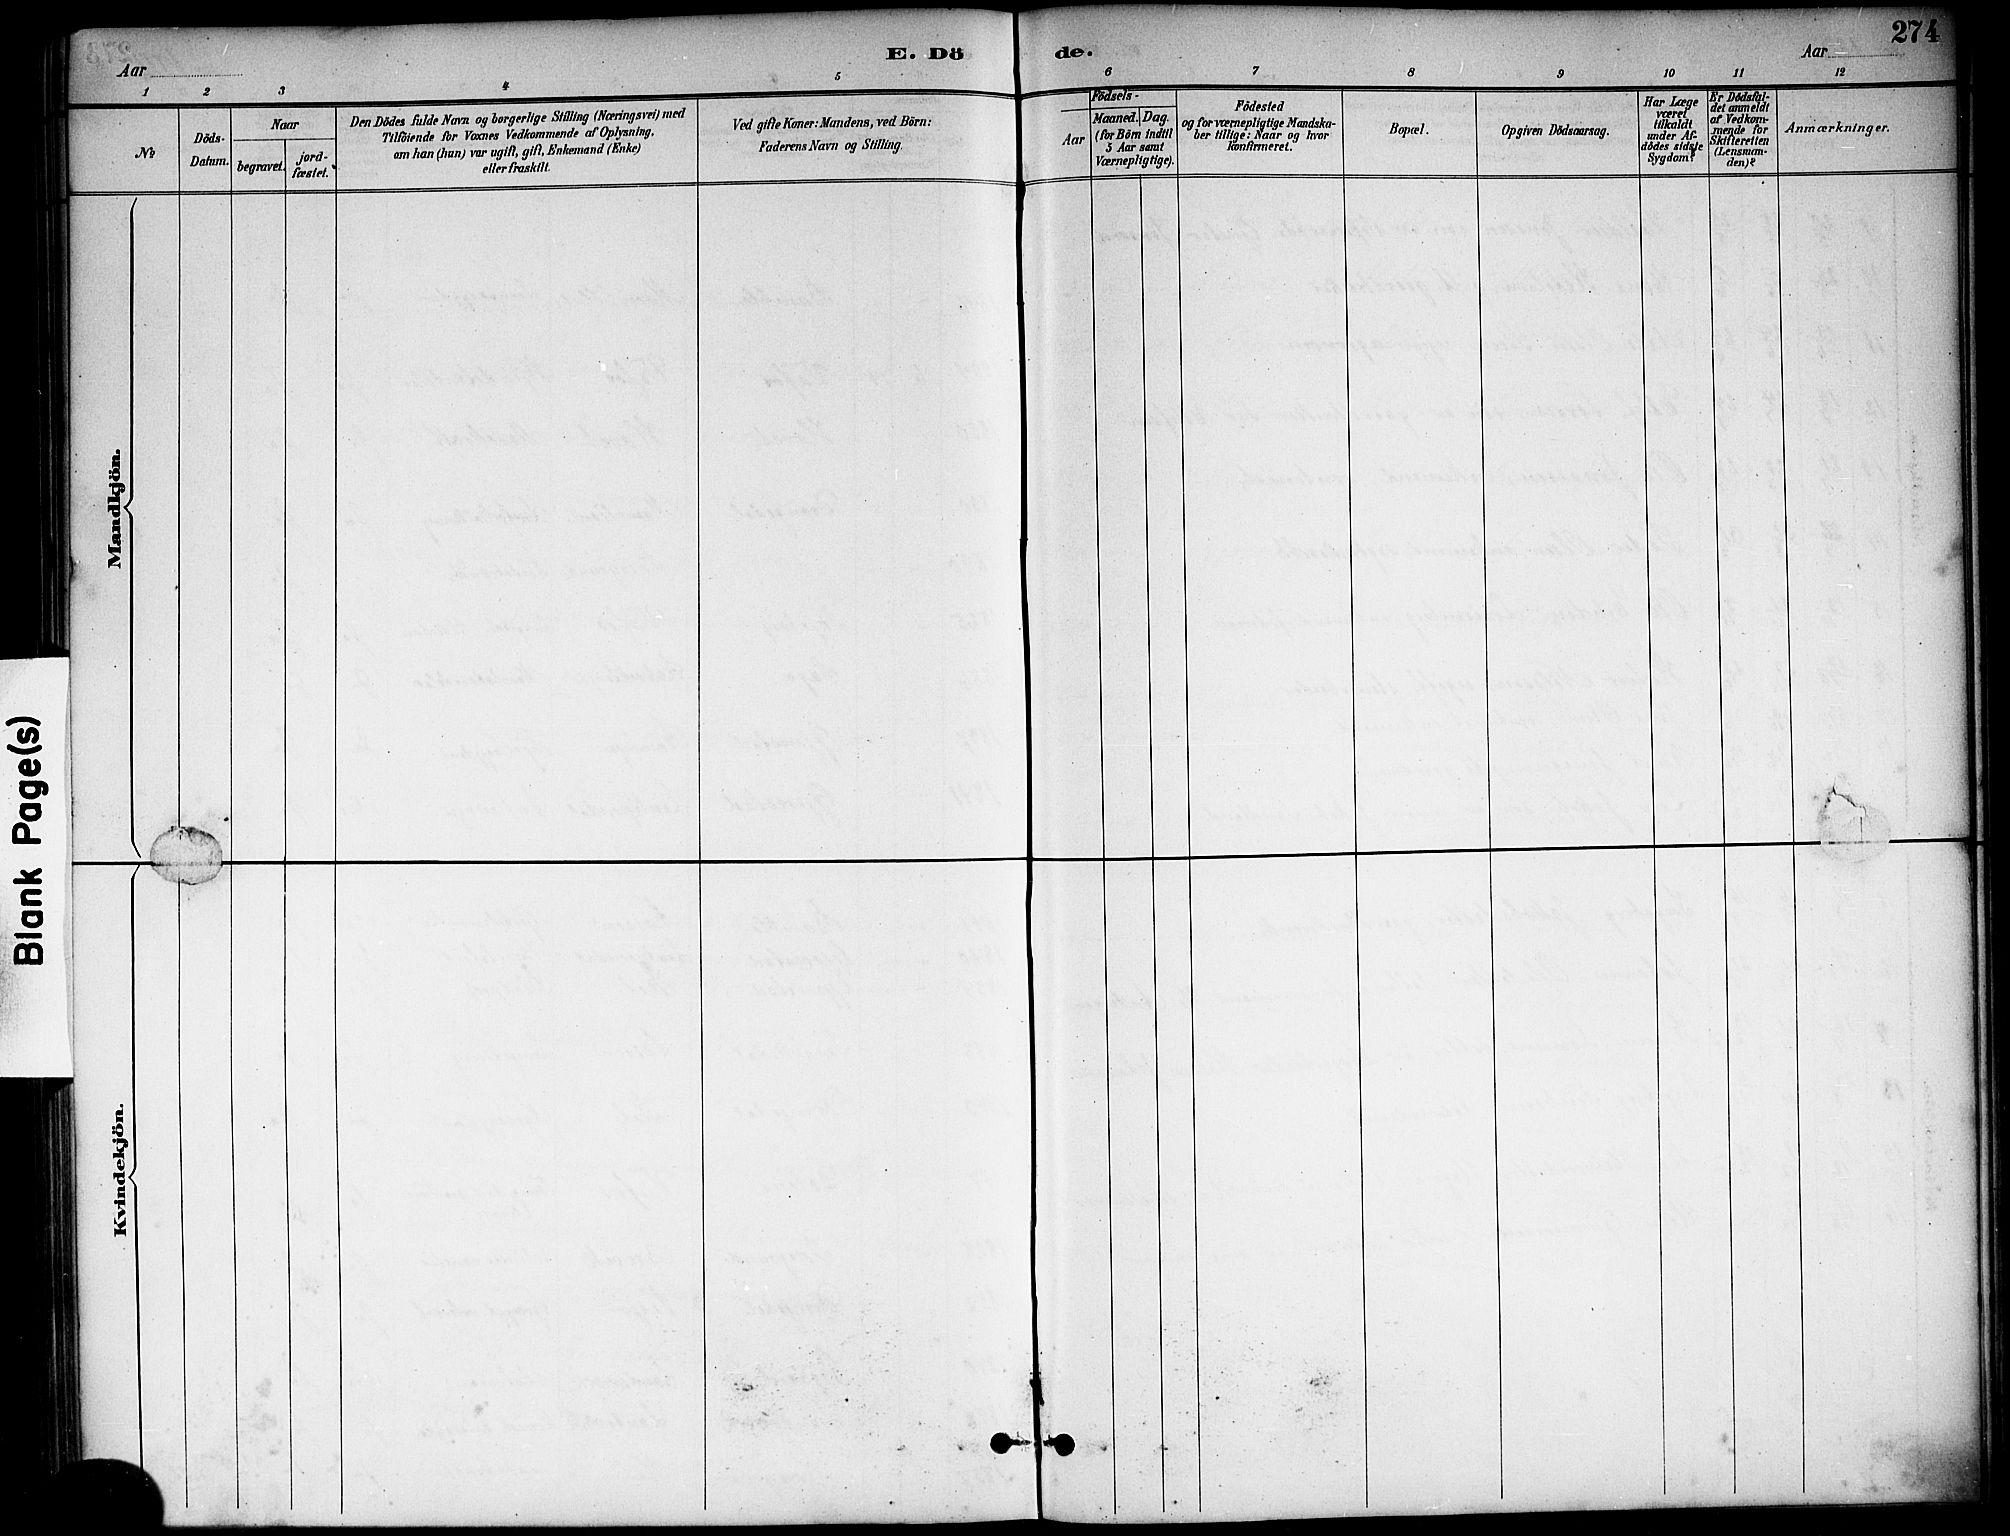 SAKO, Sannidal kirkebøker, G/Ga/L0003: Klokkerbok nr. 3, 1887-1922, s. 274